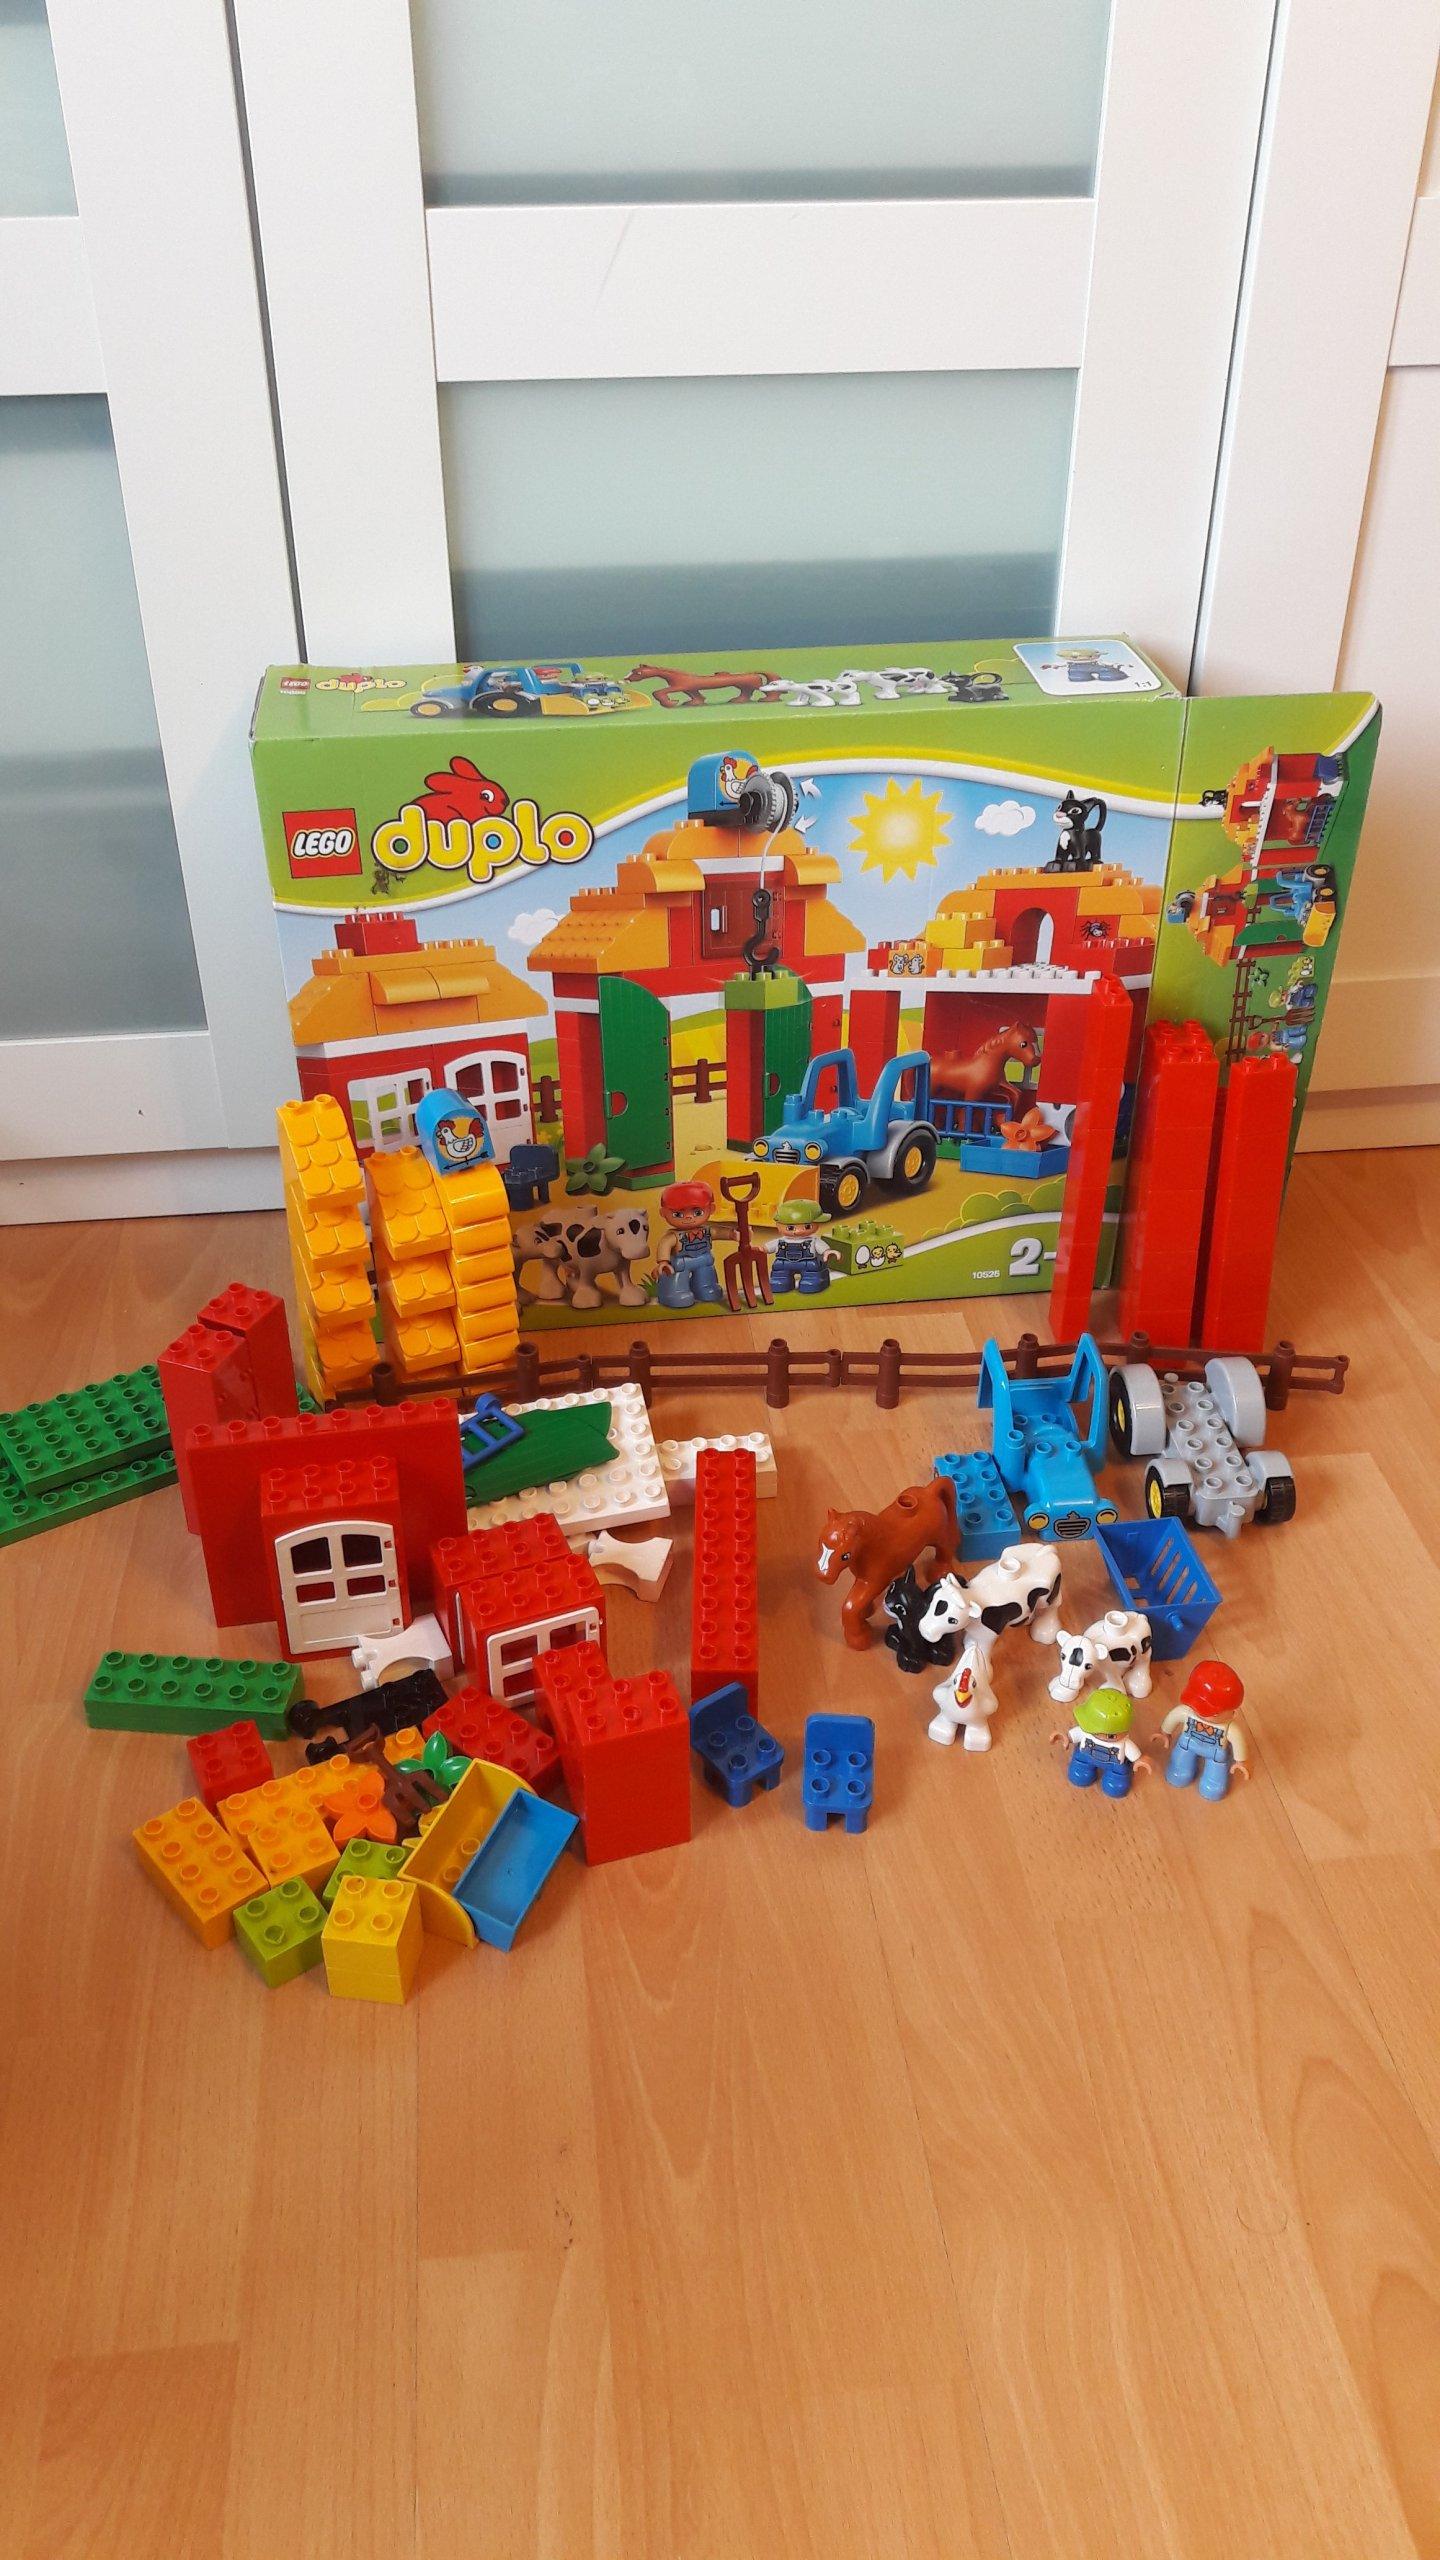 Klocki Lego Duplo 10525 Wielka Farma 7032655387 Oficjalne